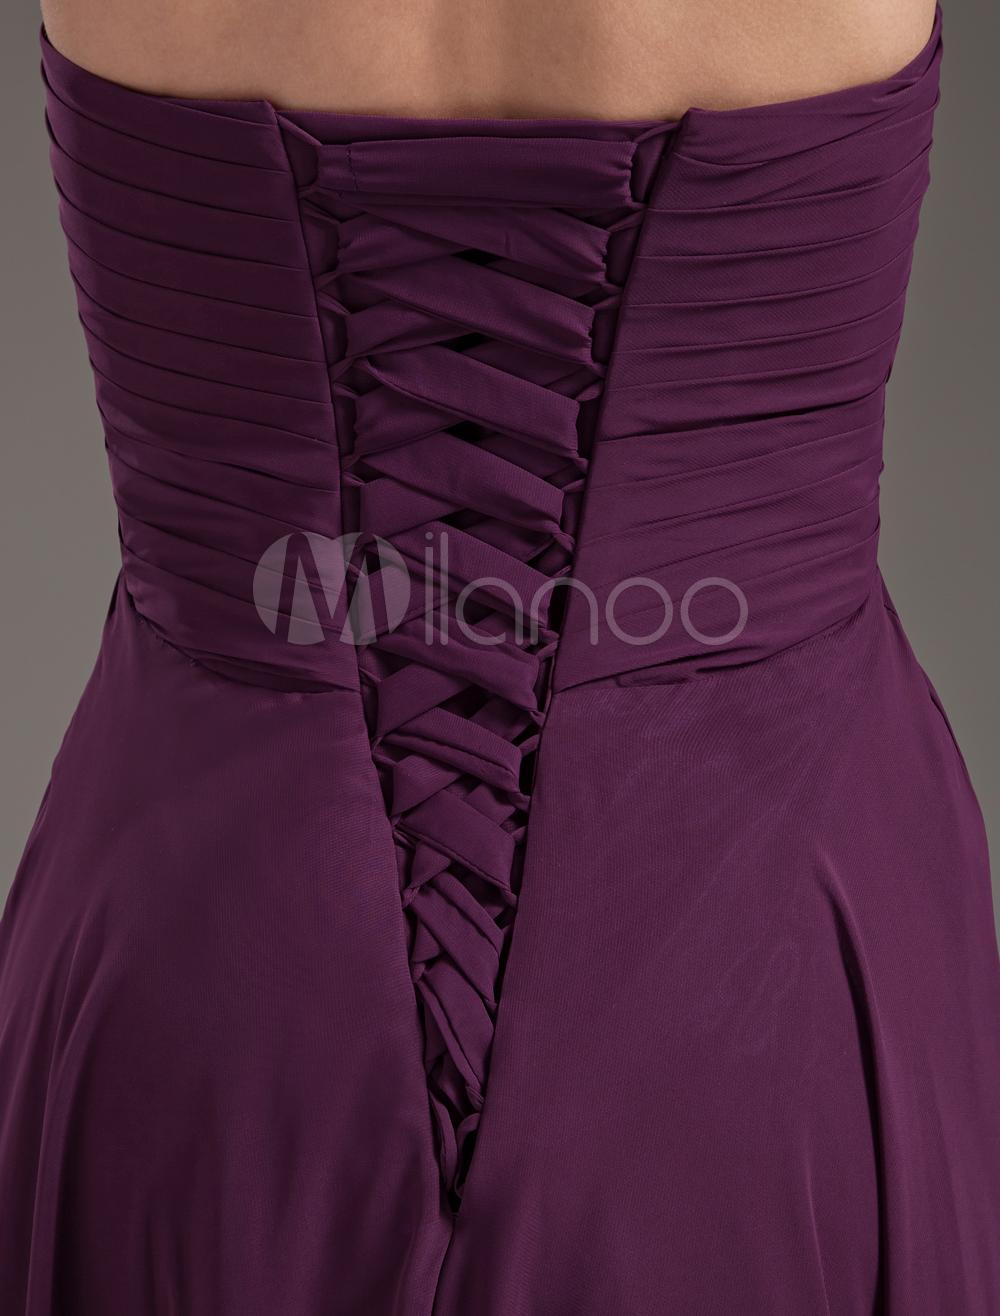 China Wholesale Dresses - Empire Waist Grape Chiffon Sweetheart Sexy Bridesmaid Dress